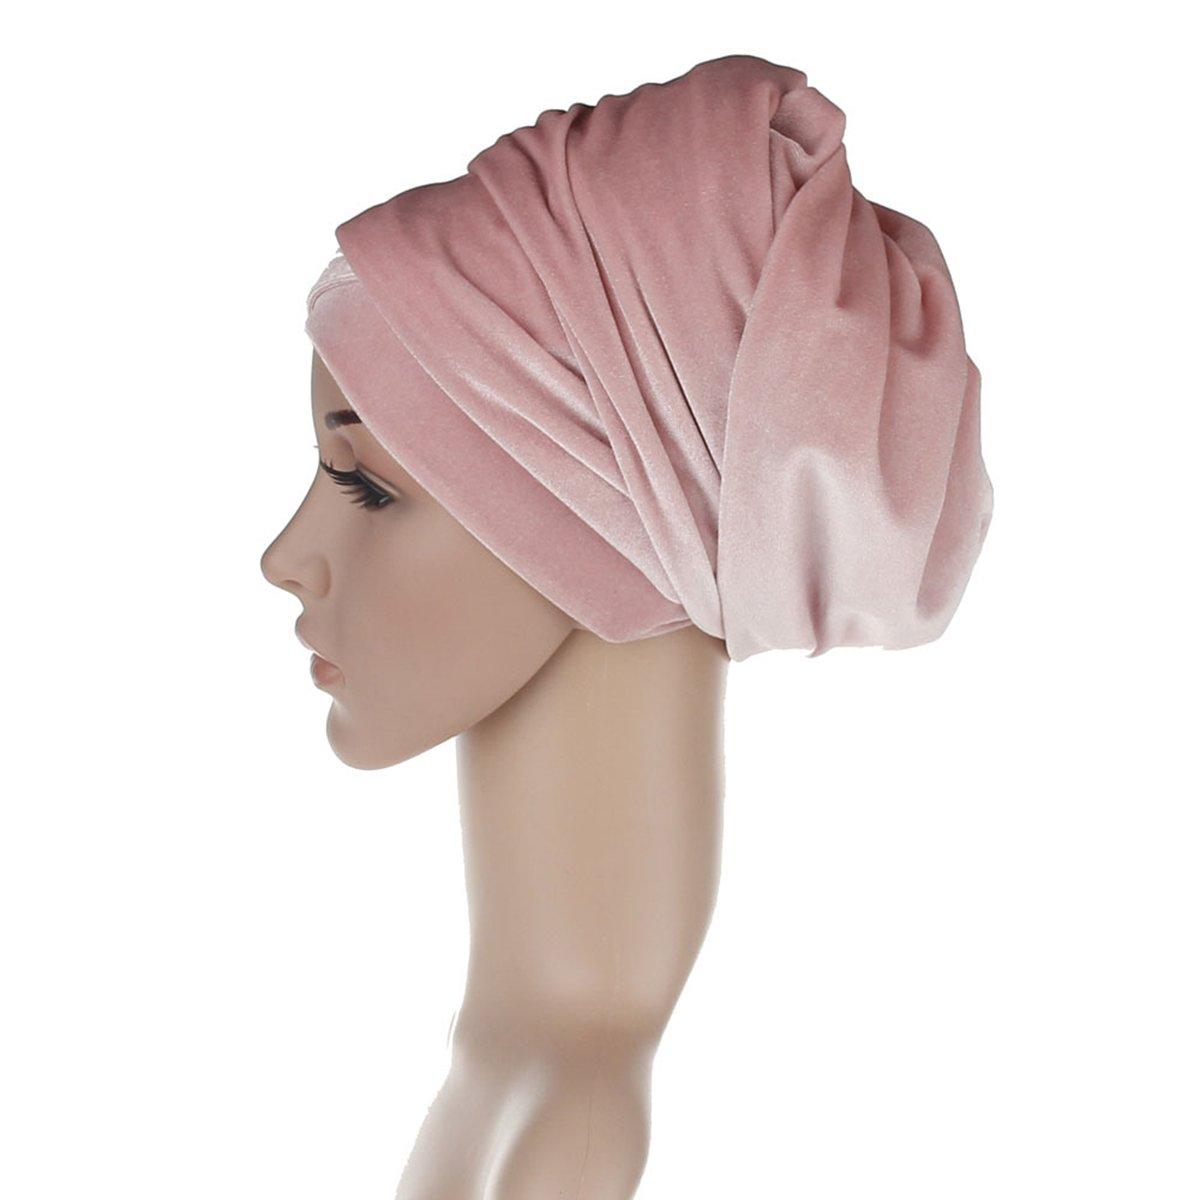 Butterme Invierno Luxury Terciopelo Doblado Headwrap Turban Jersey Hijab Head Wrap para Mujer(Azul): Amazon.es: Hogar